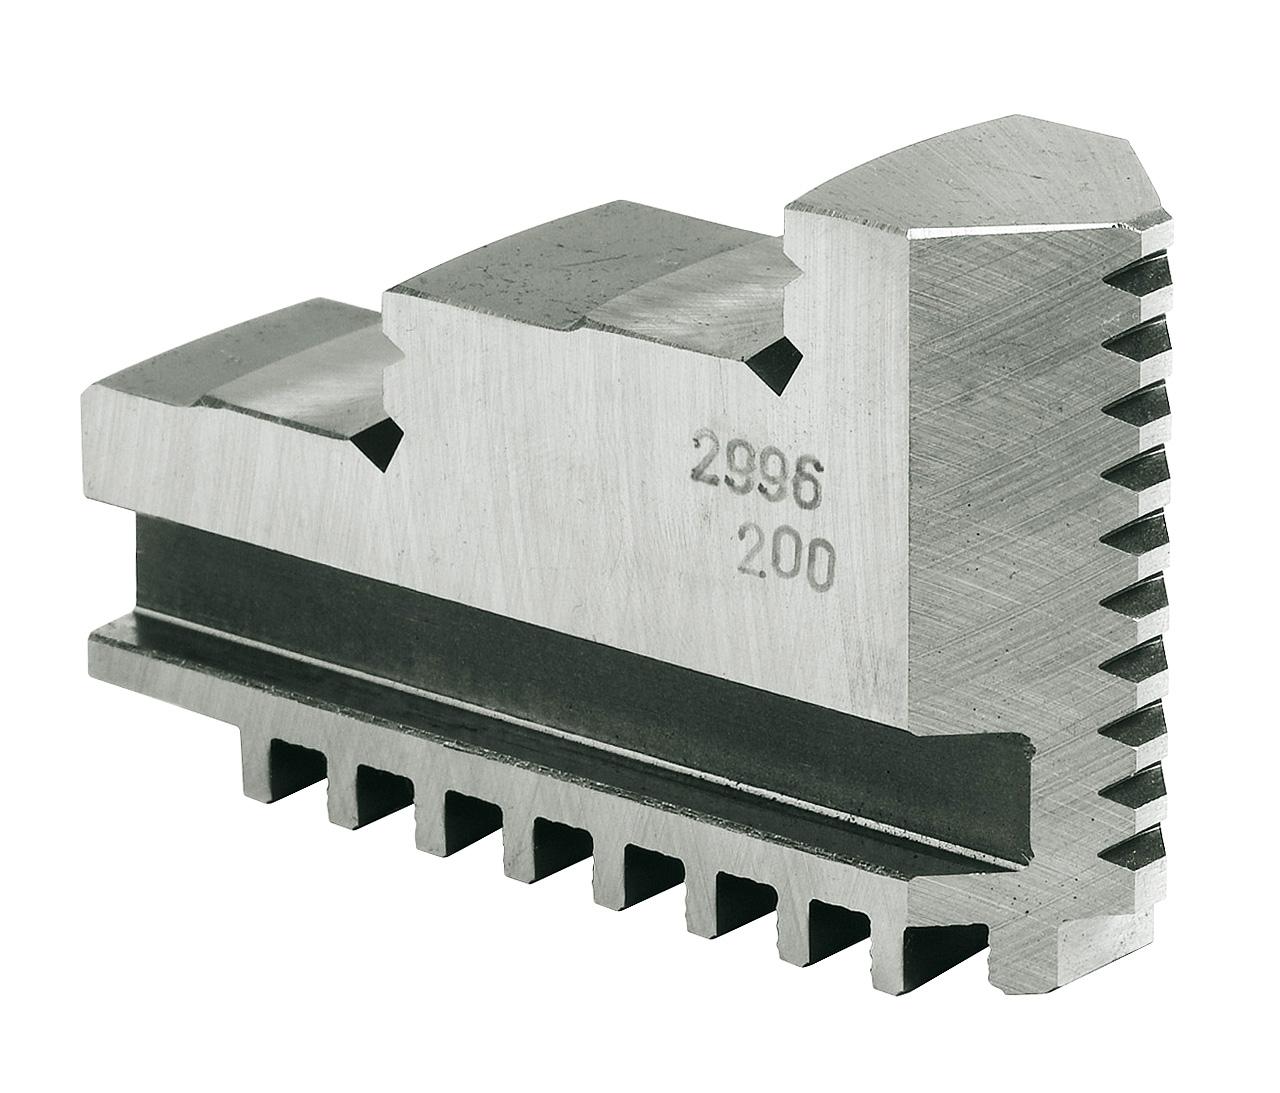 Szczęki jednolite twarde zewnętrzne - komplet DOJ-DK11-200 BERNARDO